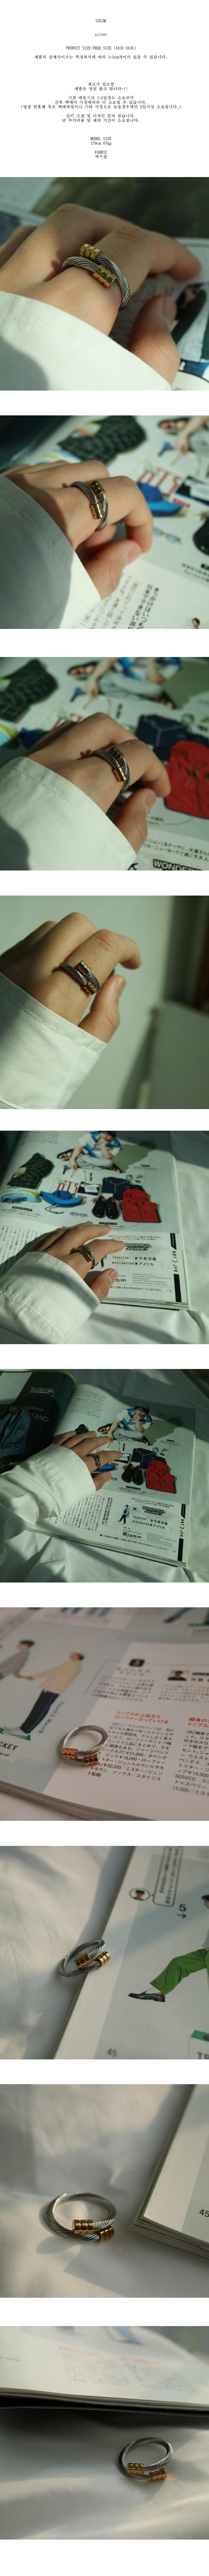 남자 반지 실버 실 링 silver thread ring - 티키타, 16,900원, 패션, 패션반지